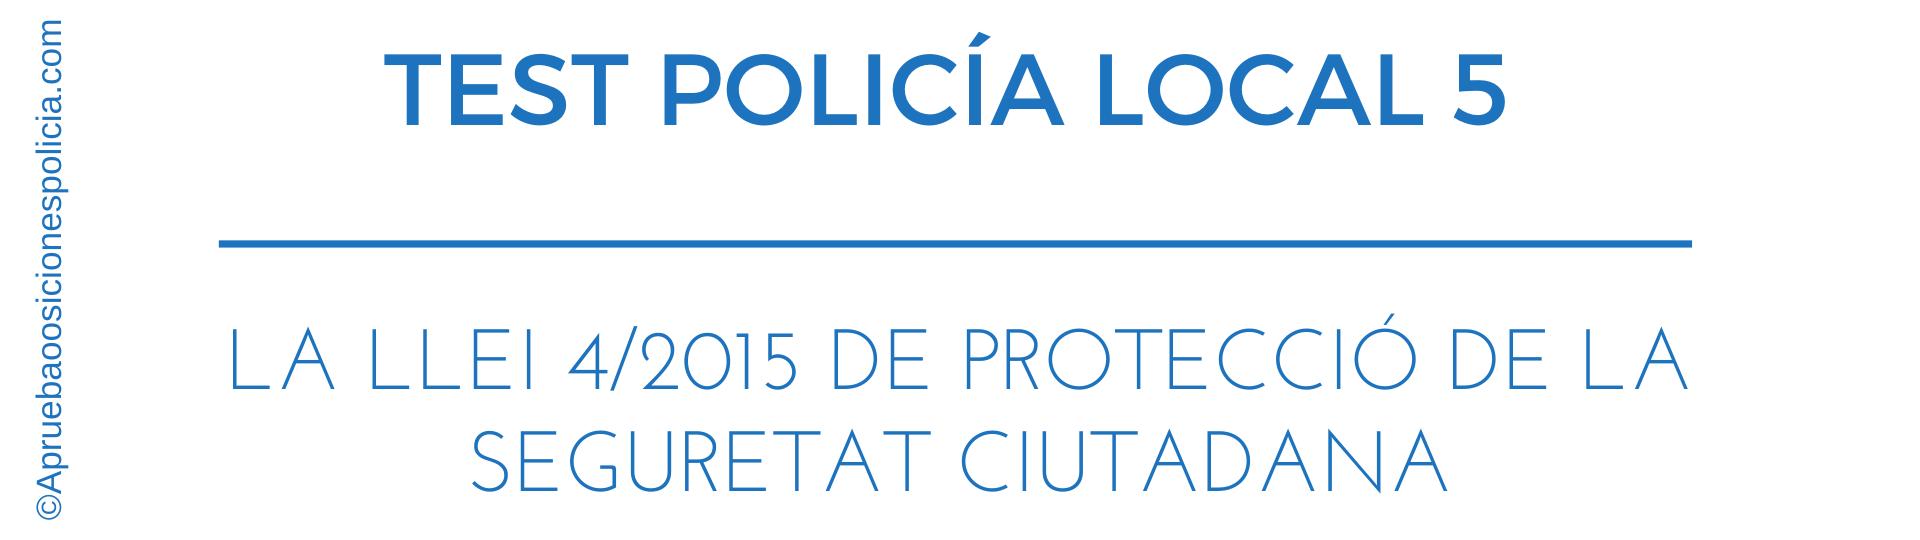 Test de la ley de protección de la seguridad ciudadana